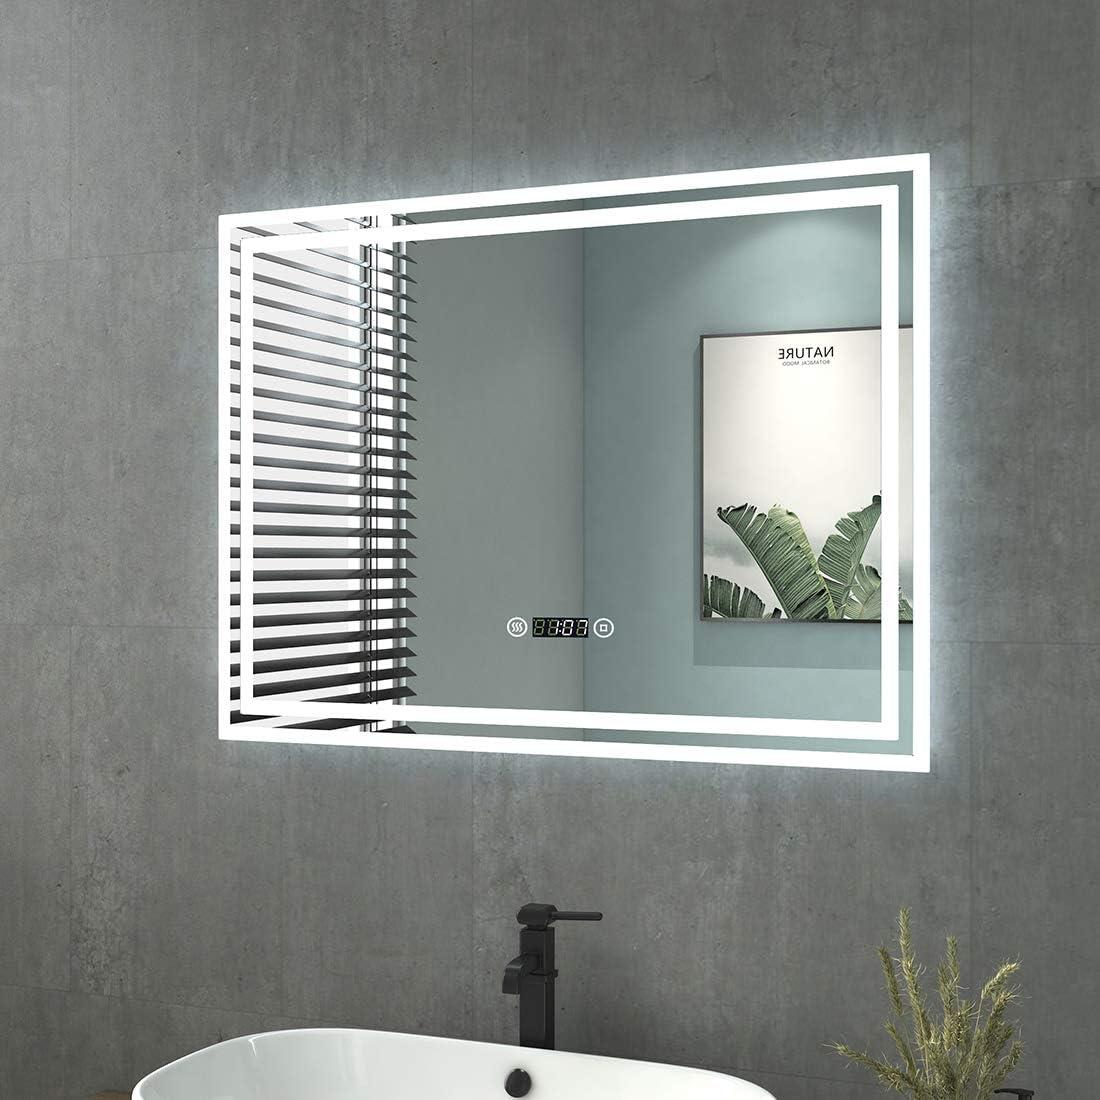 Spiegelschrank 80 Cm Inkl Led Beleuchtung Doppelt Verspiegelt Spiegelschrank 80 Cm Spiegelschrank Led Beleuchtung